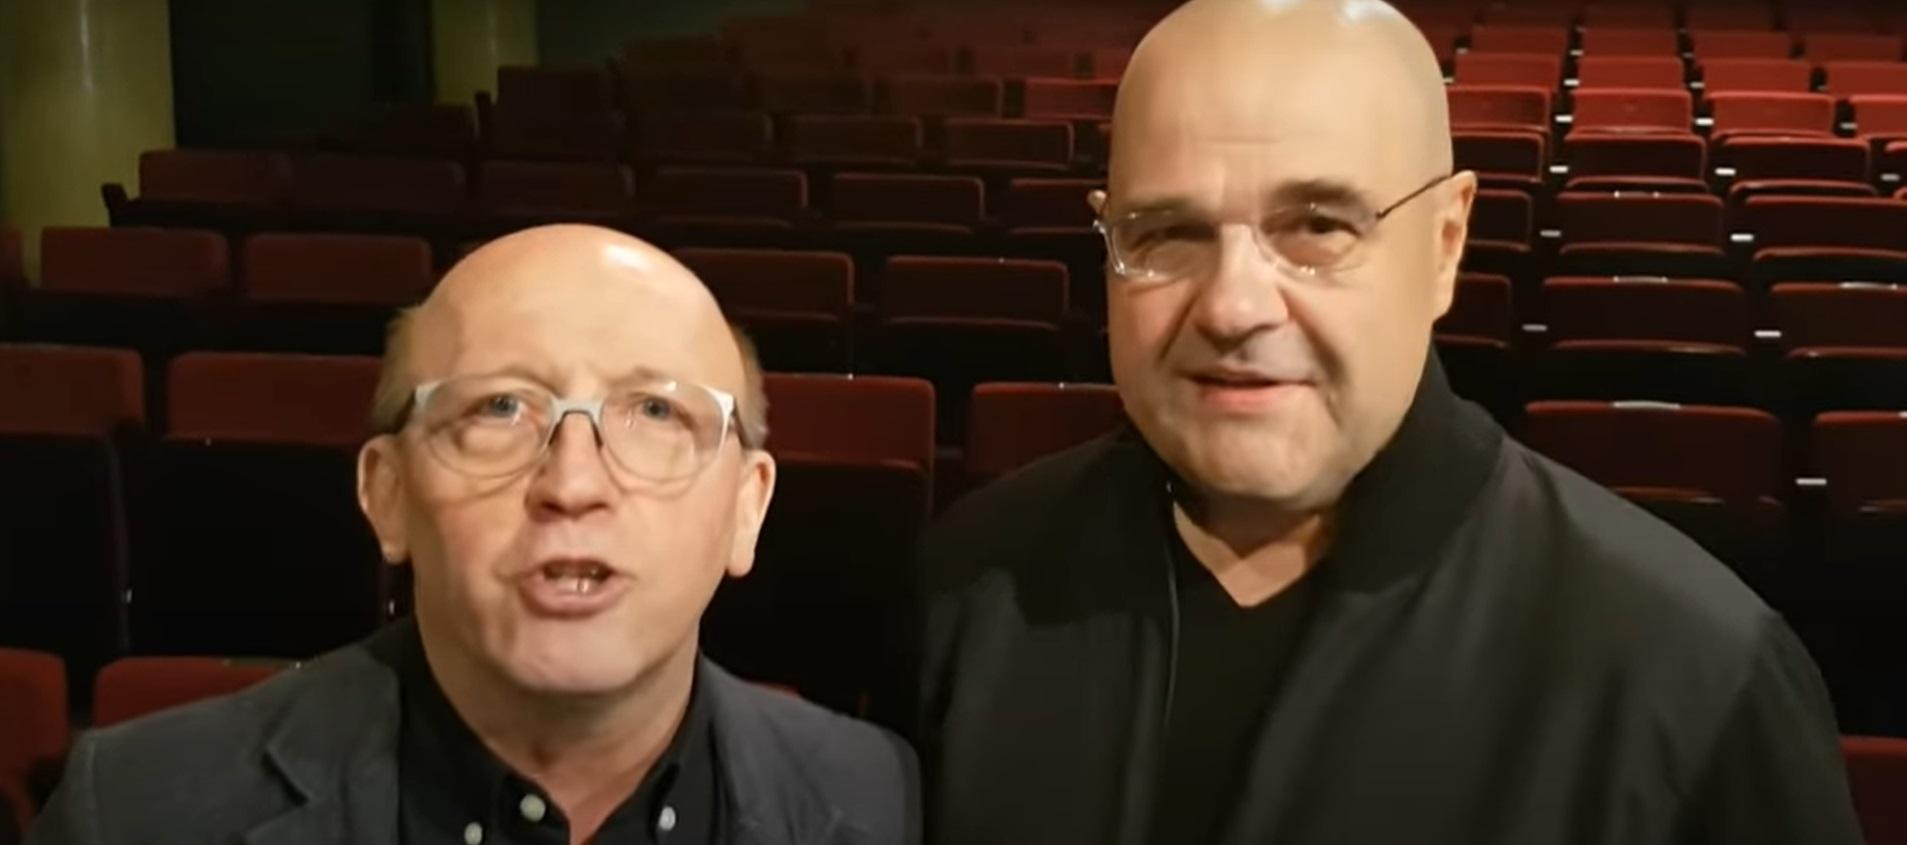 #Hot16Challenge2 - Cezary Żak i Artur Barciś rapują w duchu serialu Miodowe lata